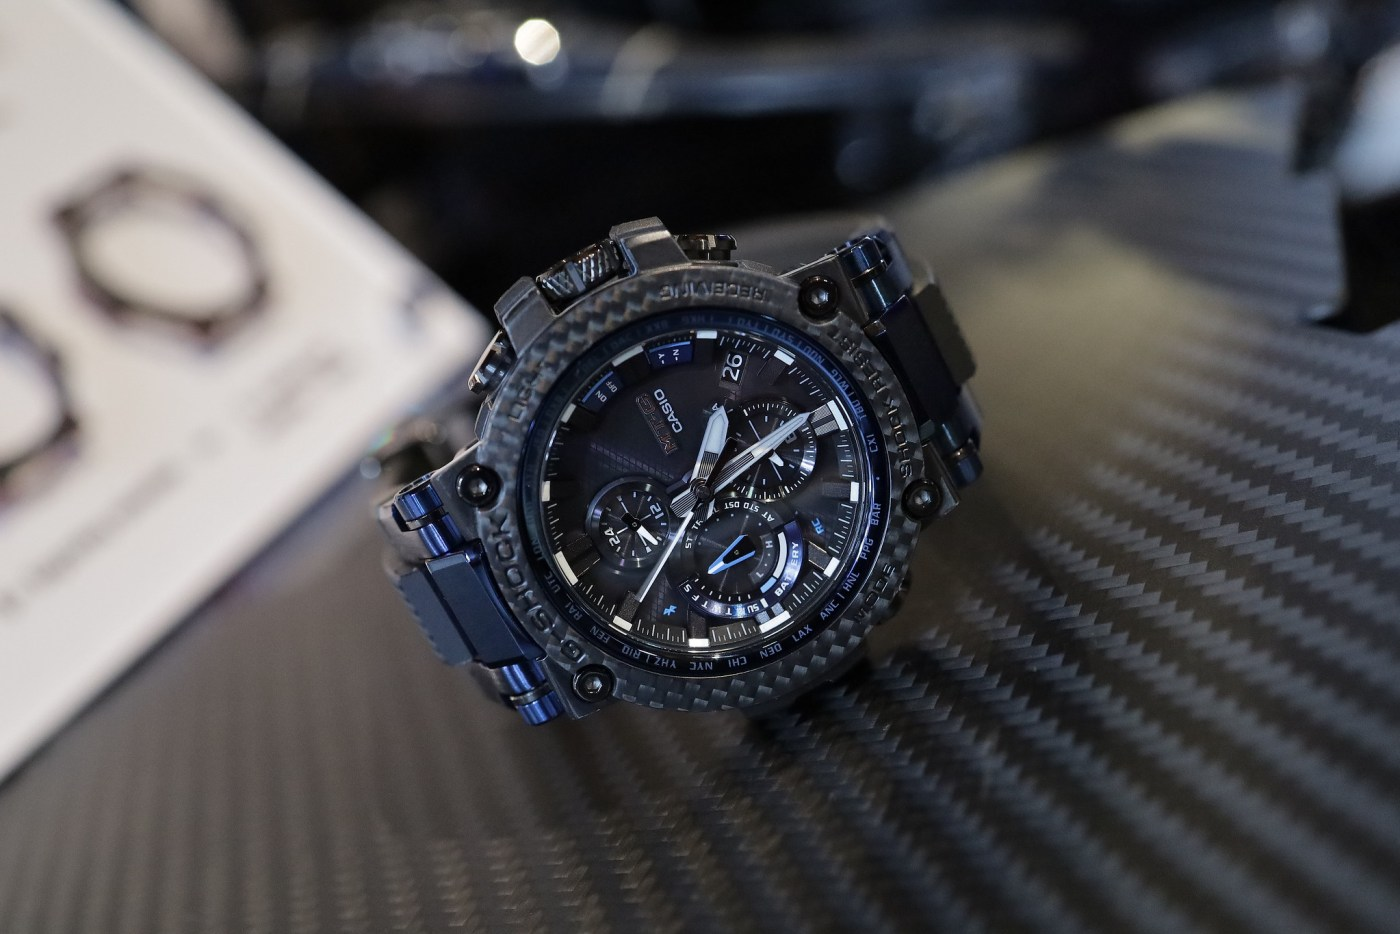 G-Shock MTGB1000XB-1A MT-G Carbon Fiber Bezel